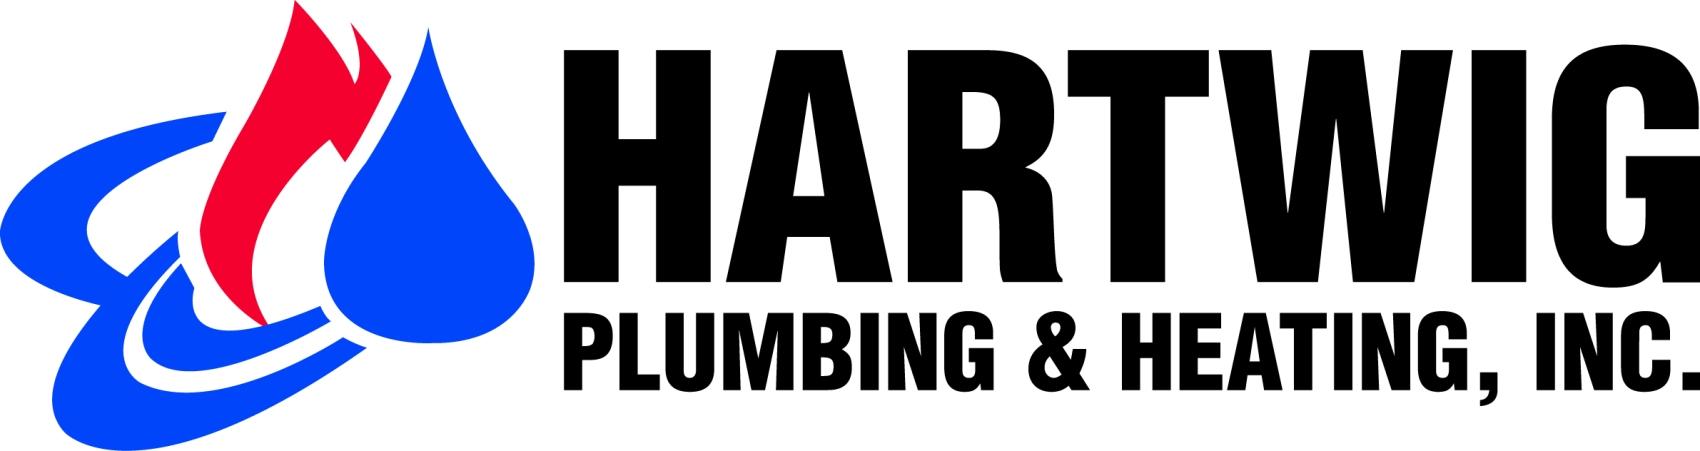 HartwigPlumbingHeating